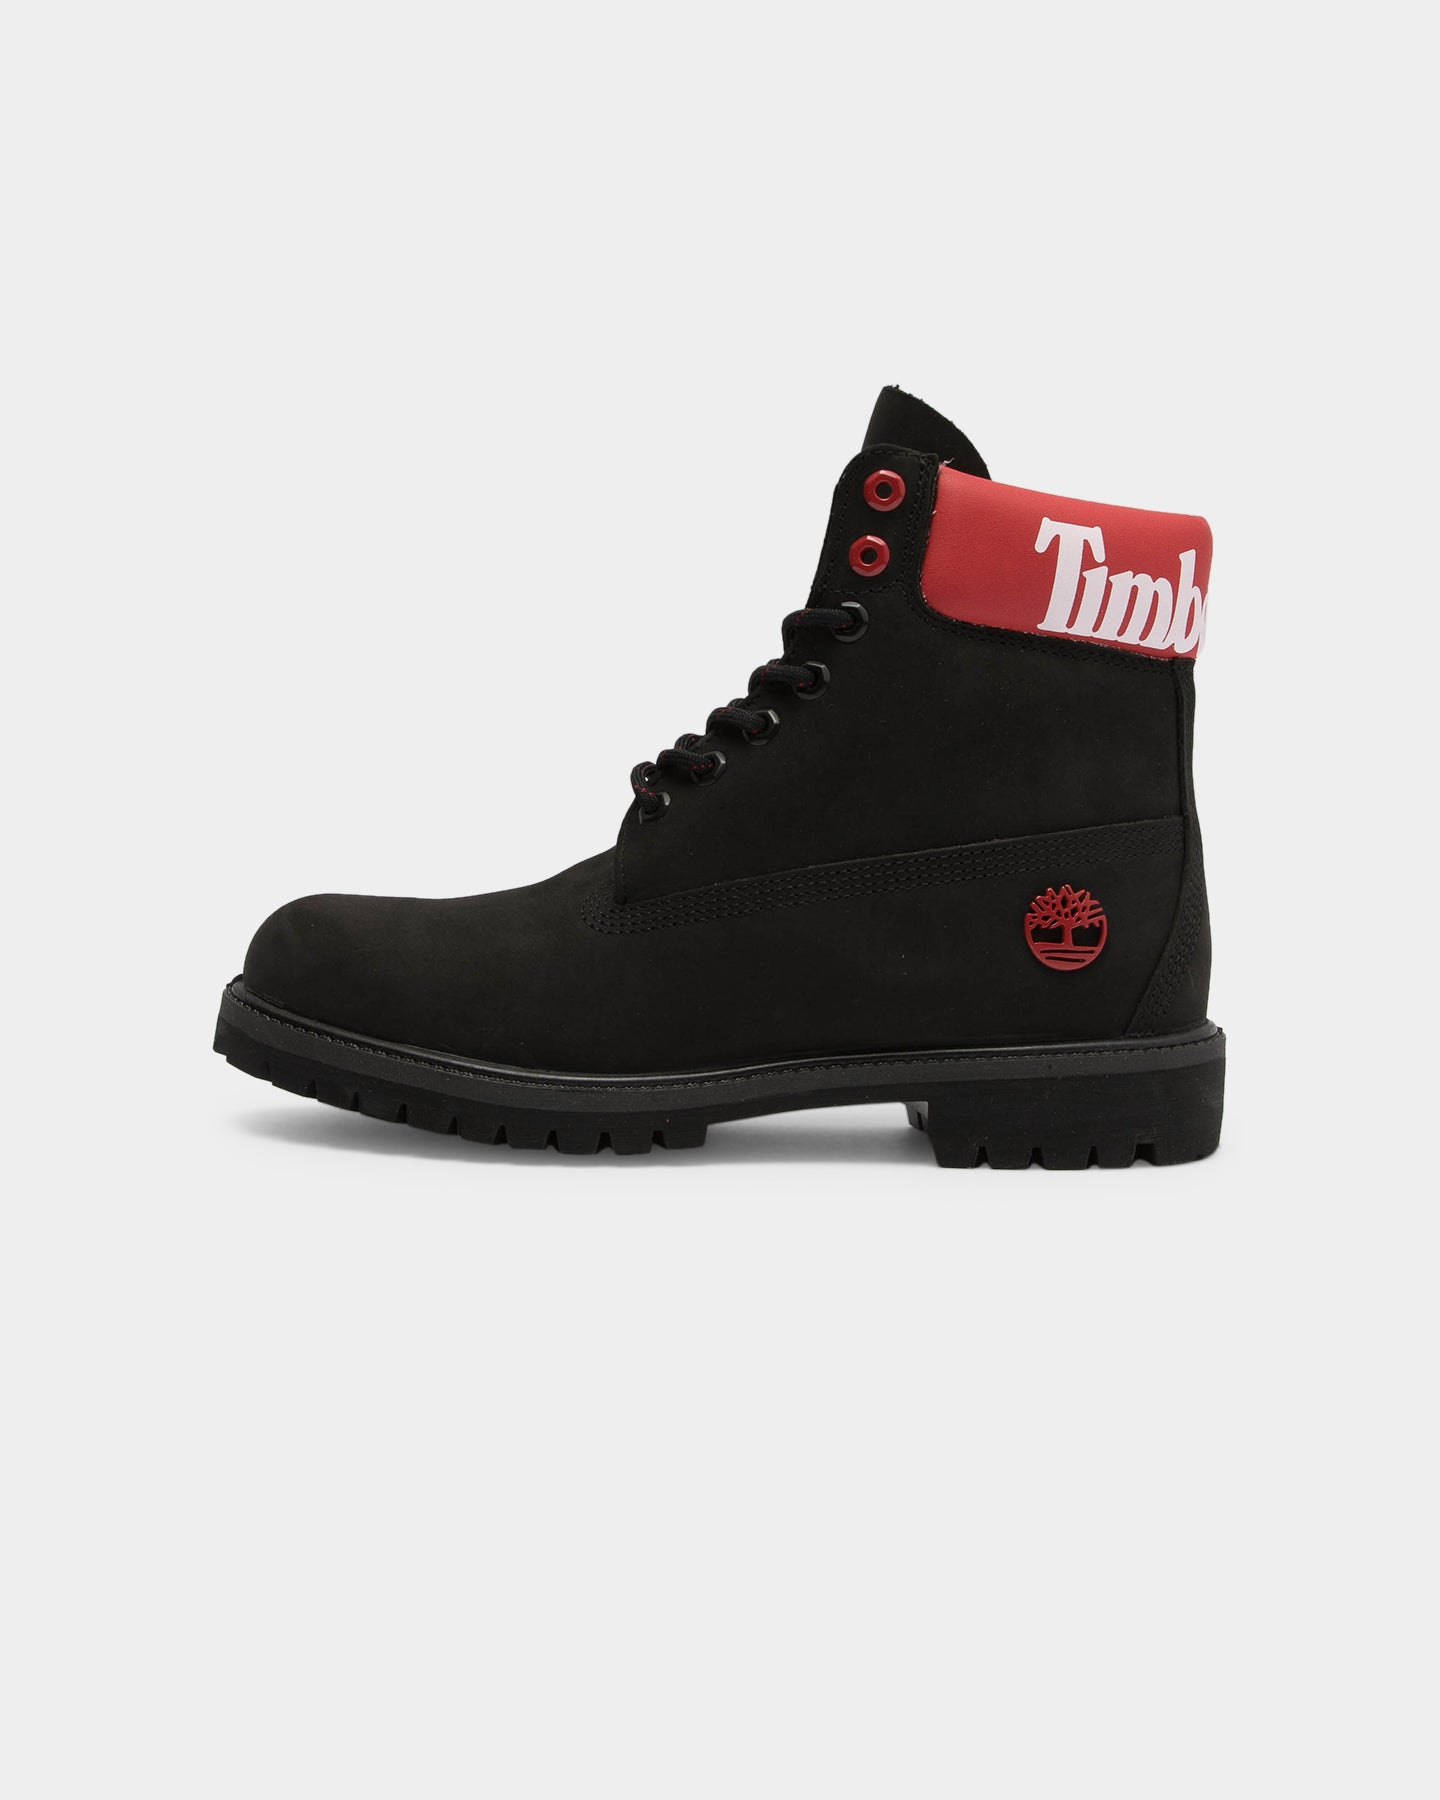 Timberland 6 Inch Premium Boot Black